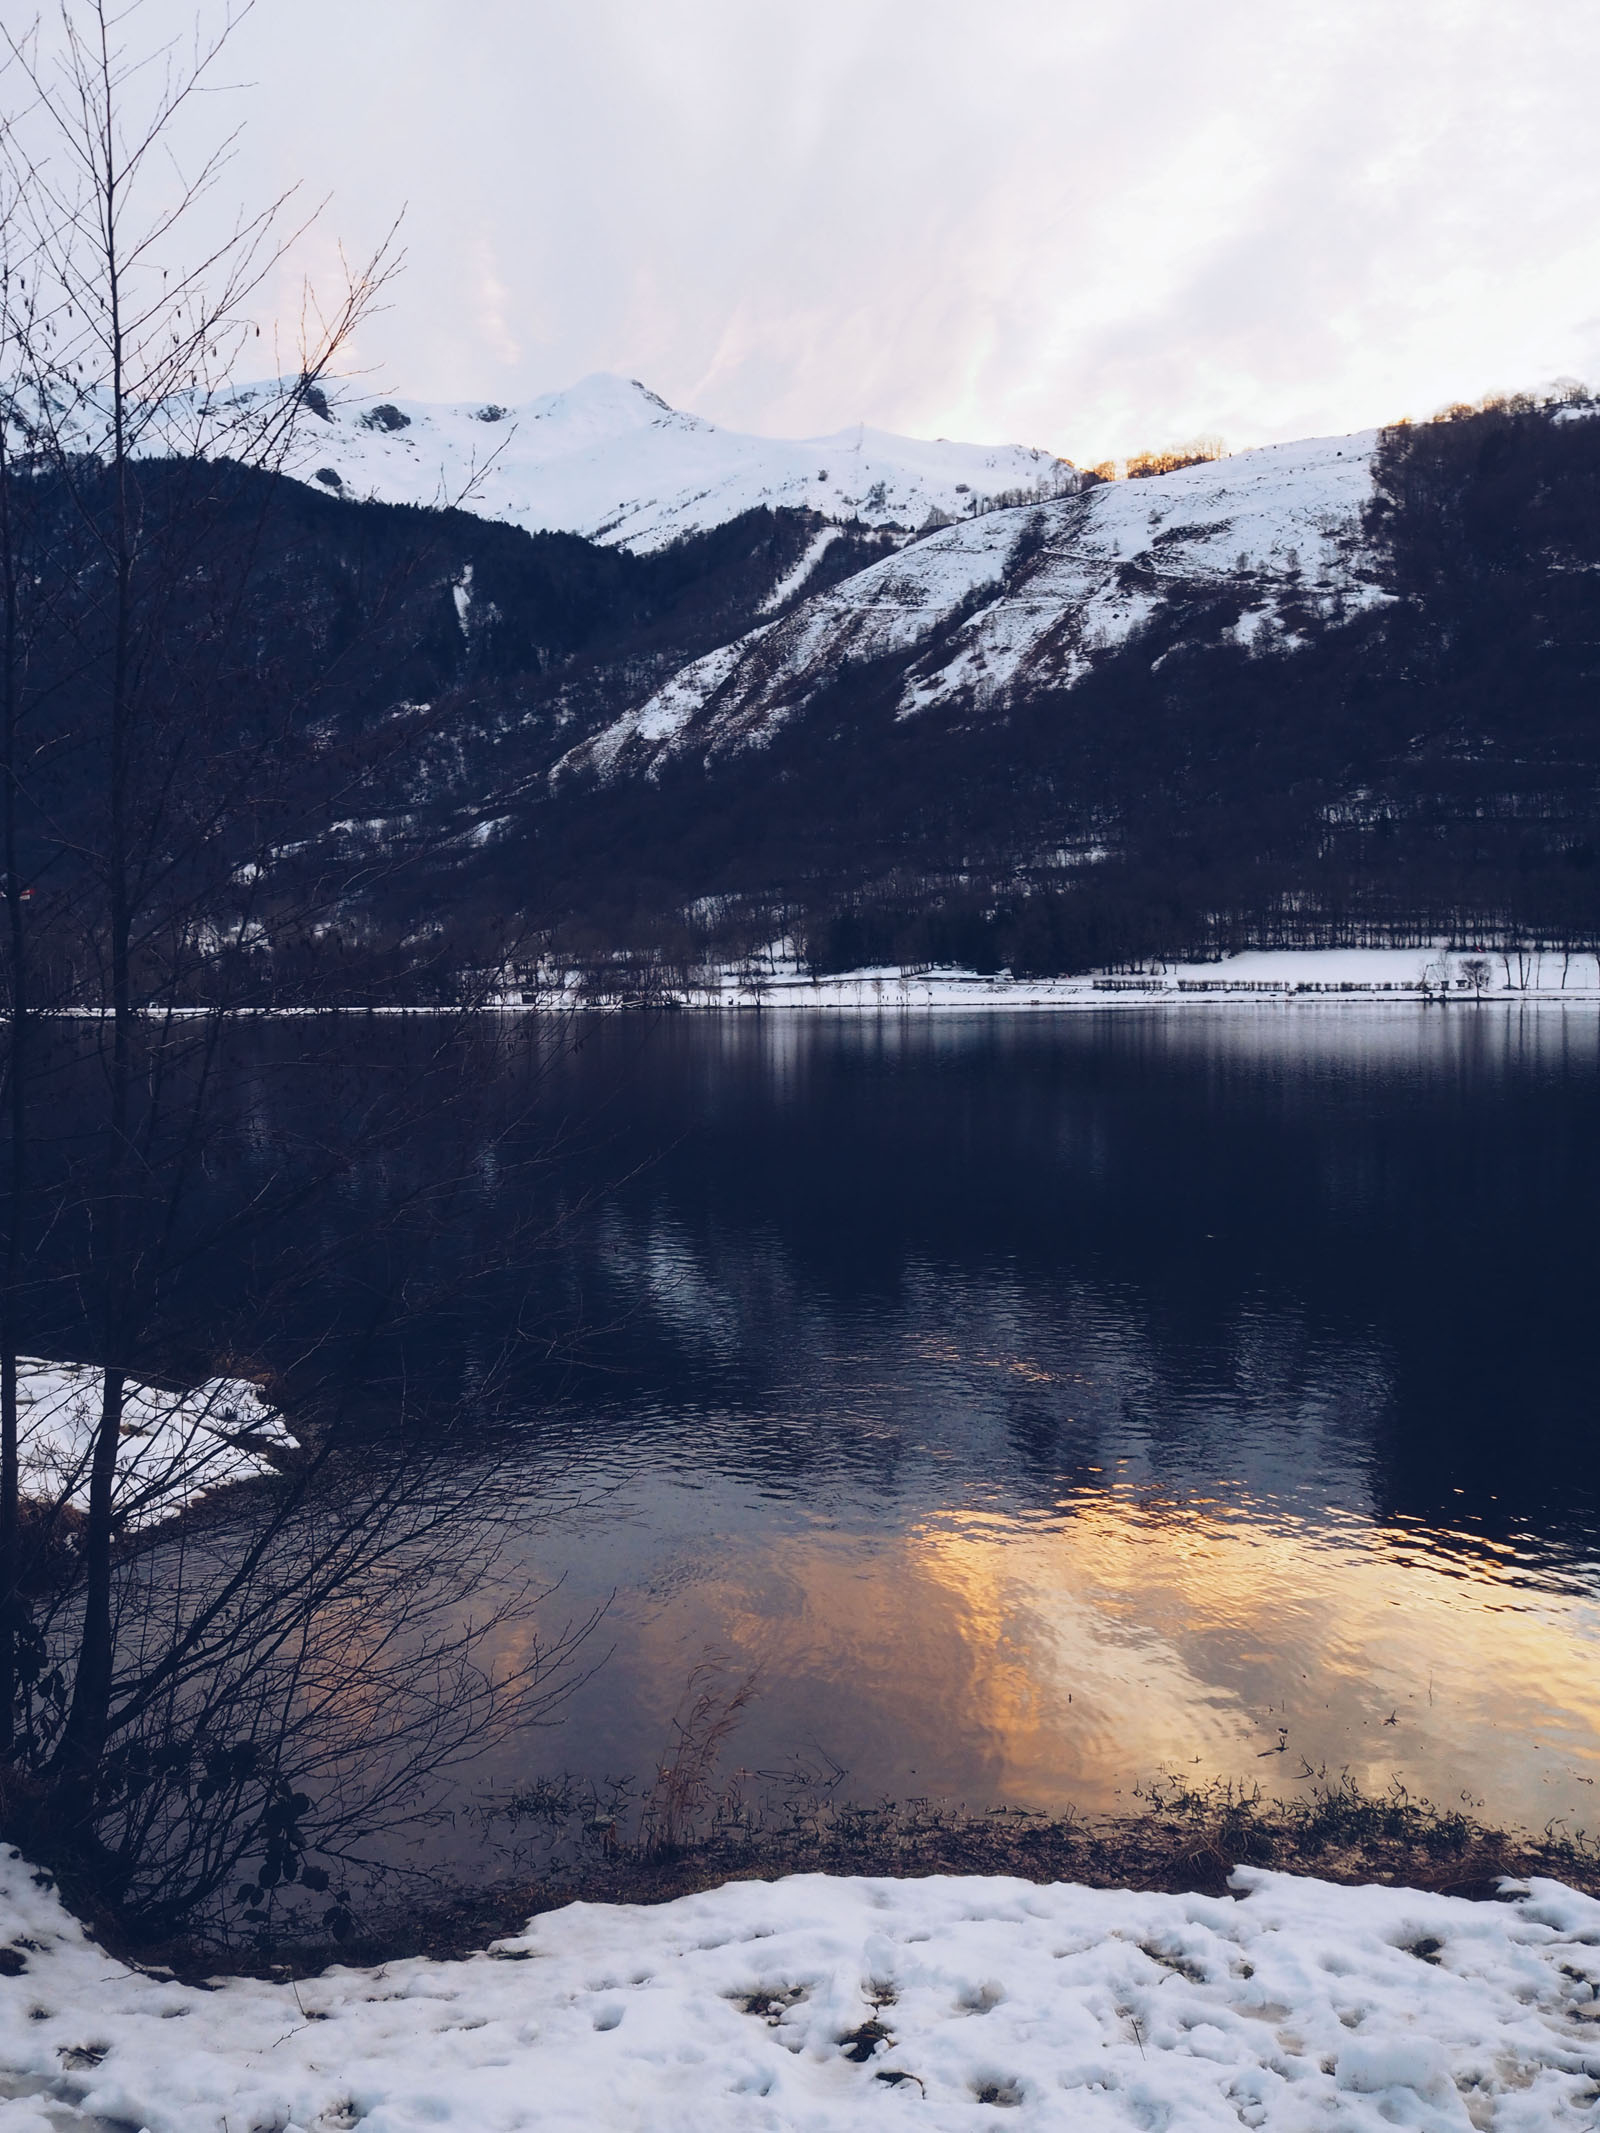 Vacances au ski en famille Hautes Pyrenees bonnes adresses hotel station l La Fiancee du Panda blog mariage et lifestyle-318008